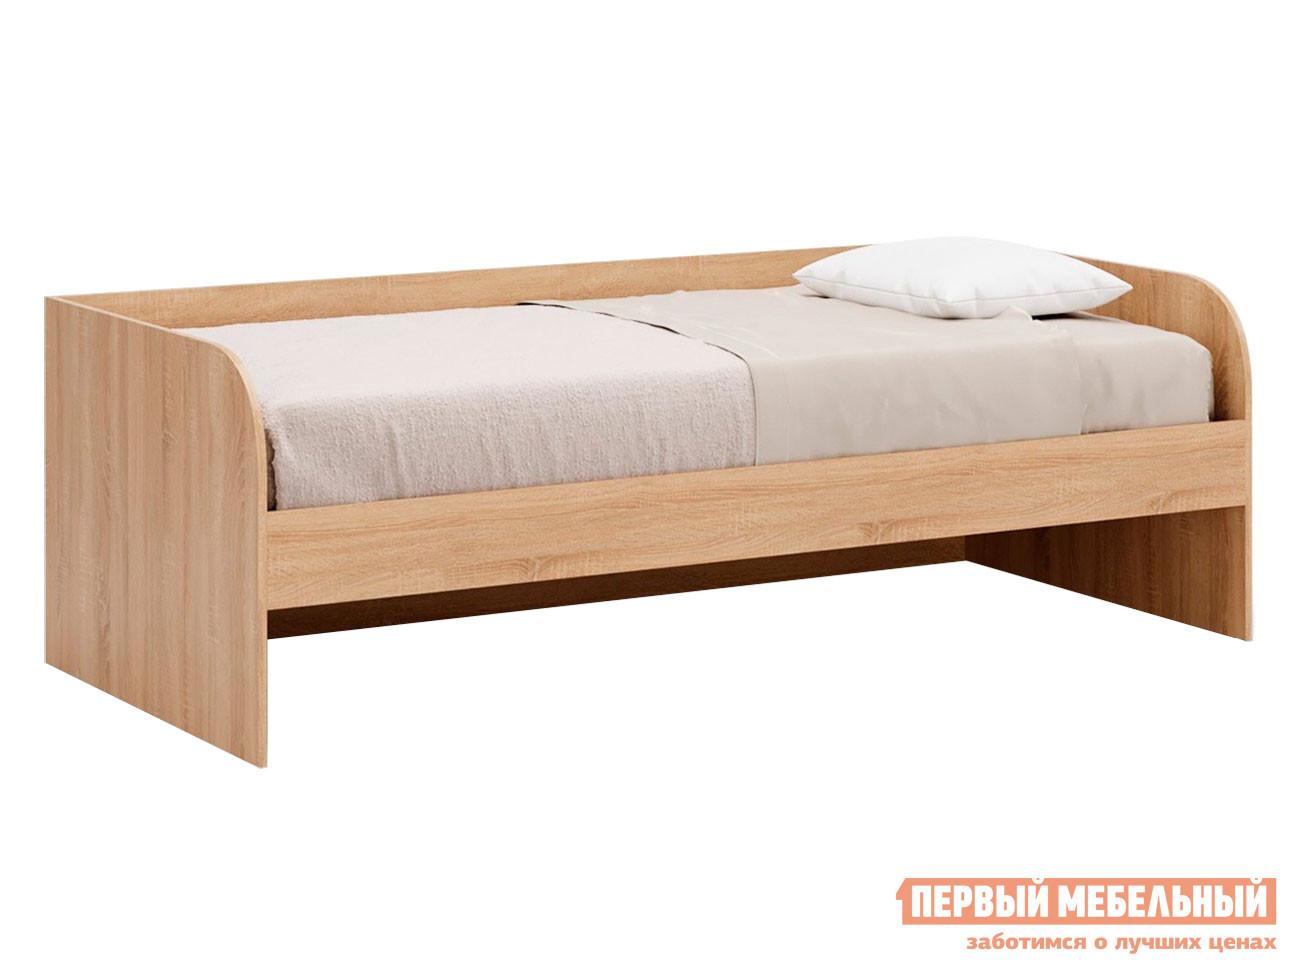 Детская кровать  Кровать Леон Дуб сонома, Без ящика — Кровать Леон Дуб сонома, Без ящика